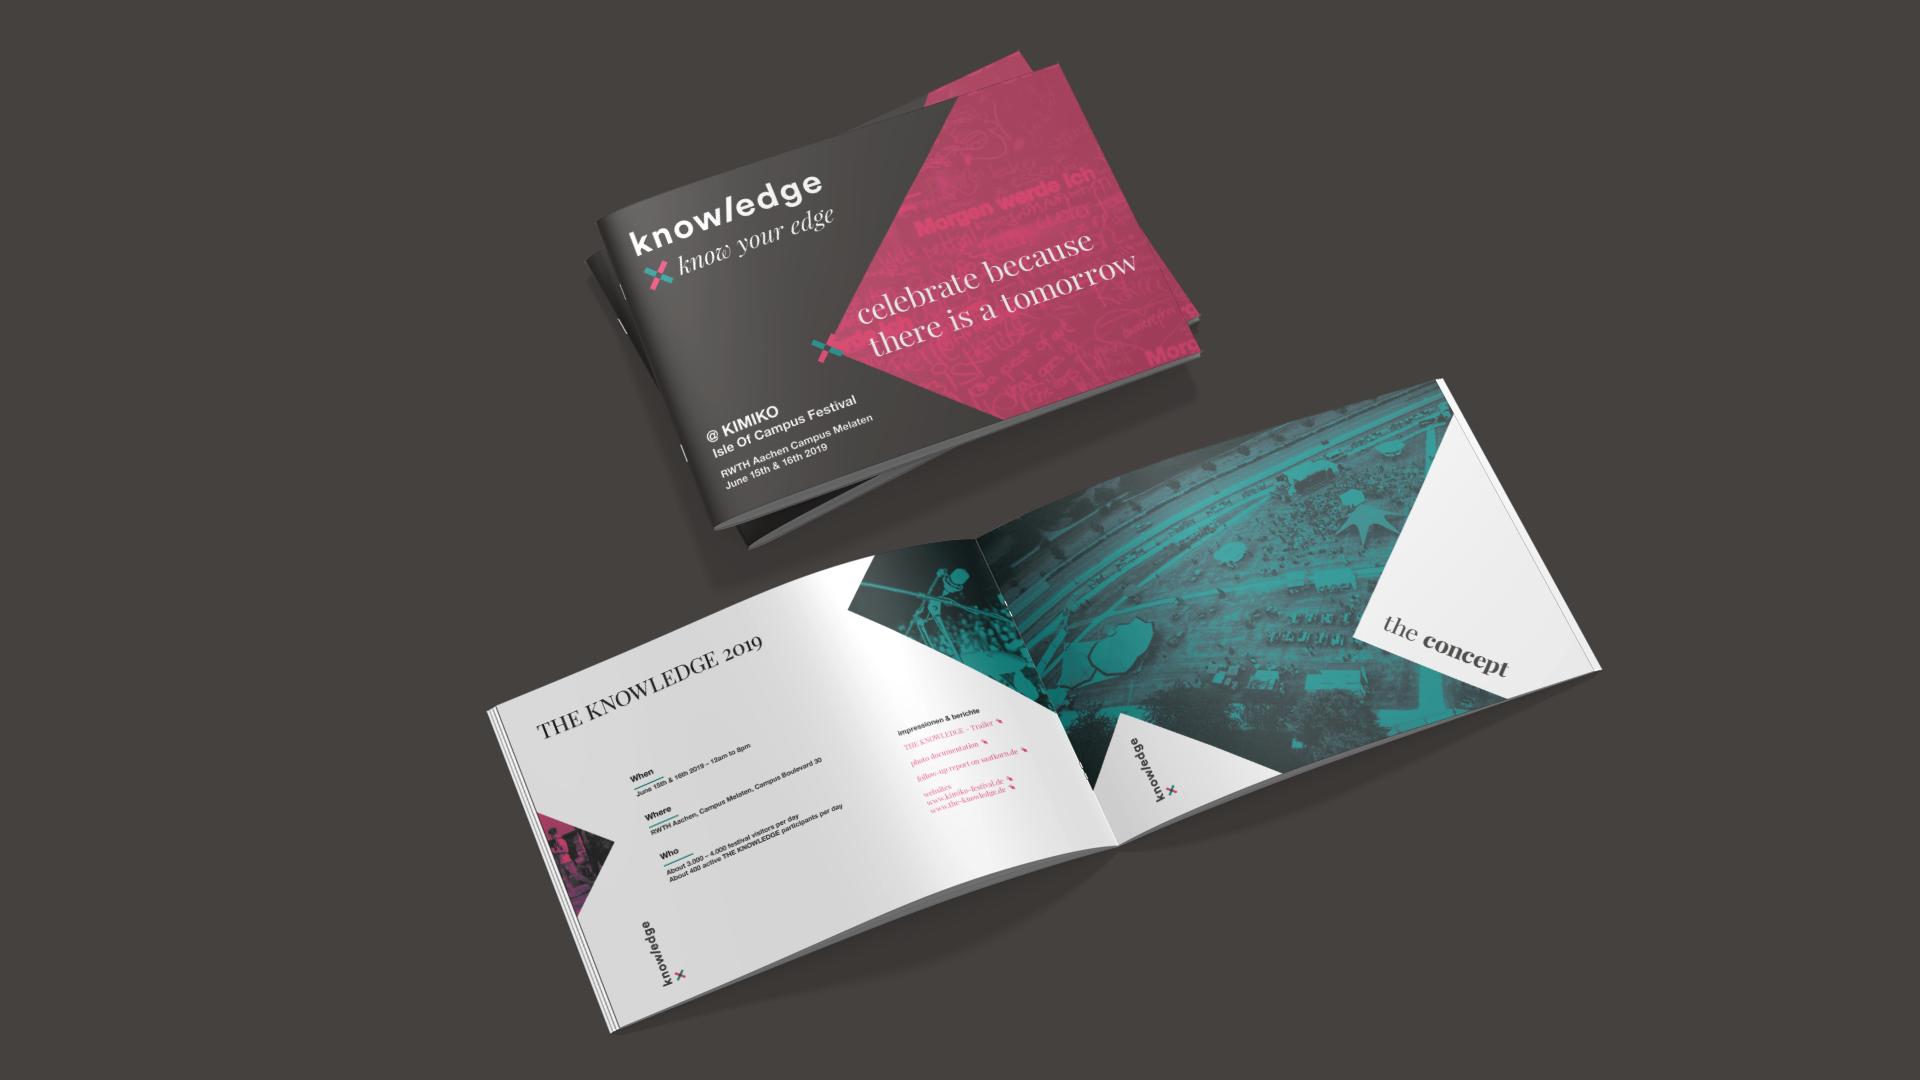 Salesbroschüre für den Vertrieb im Corporate Design von The Knowledge.